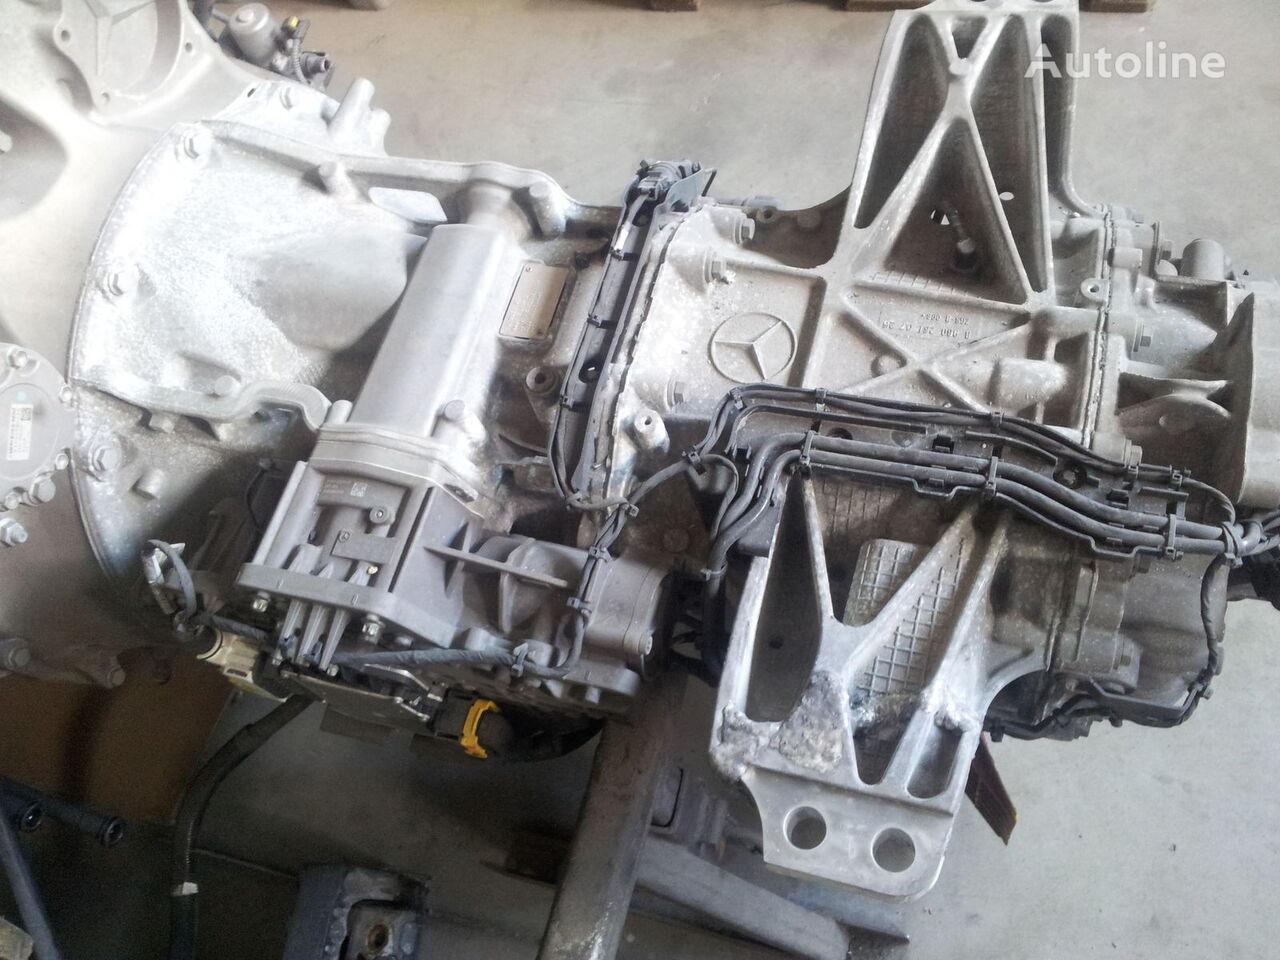 MERCEDES-BENZ Actros MP4, EURO5, EURO6, gearbox G211-12KL menjač za MERCEDES-BENZ Actros MP4 EURO6 tegljača